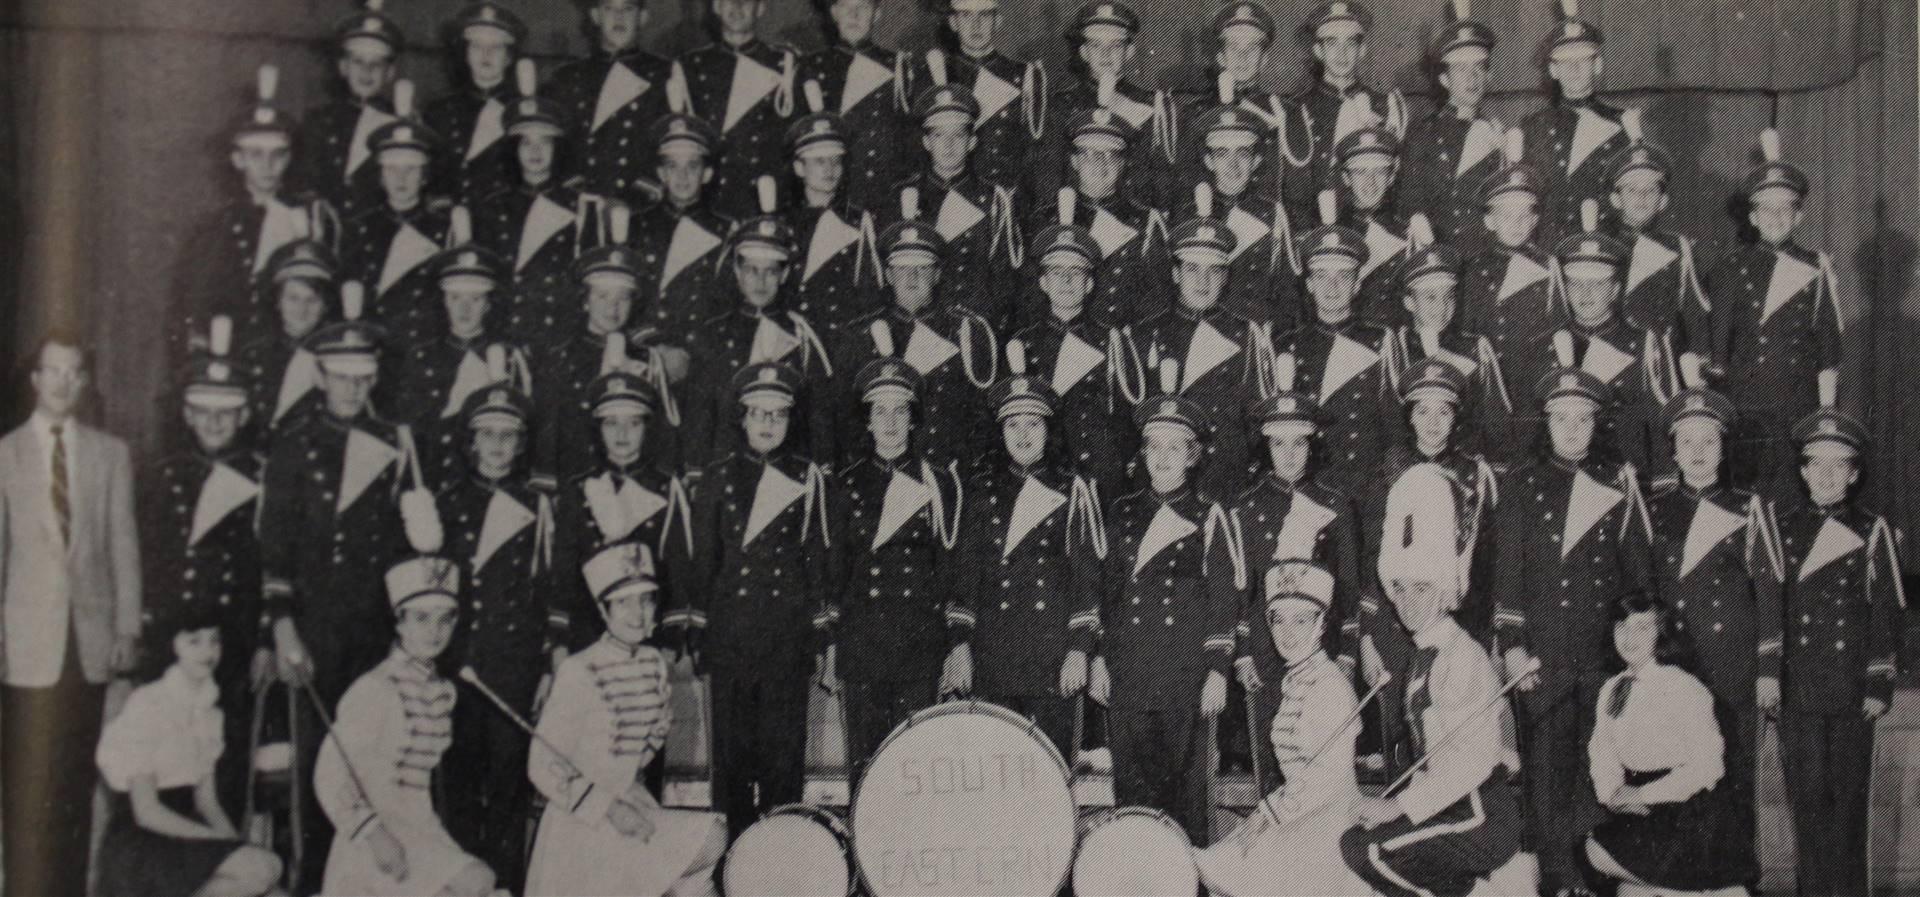 1956 Band